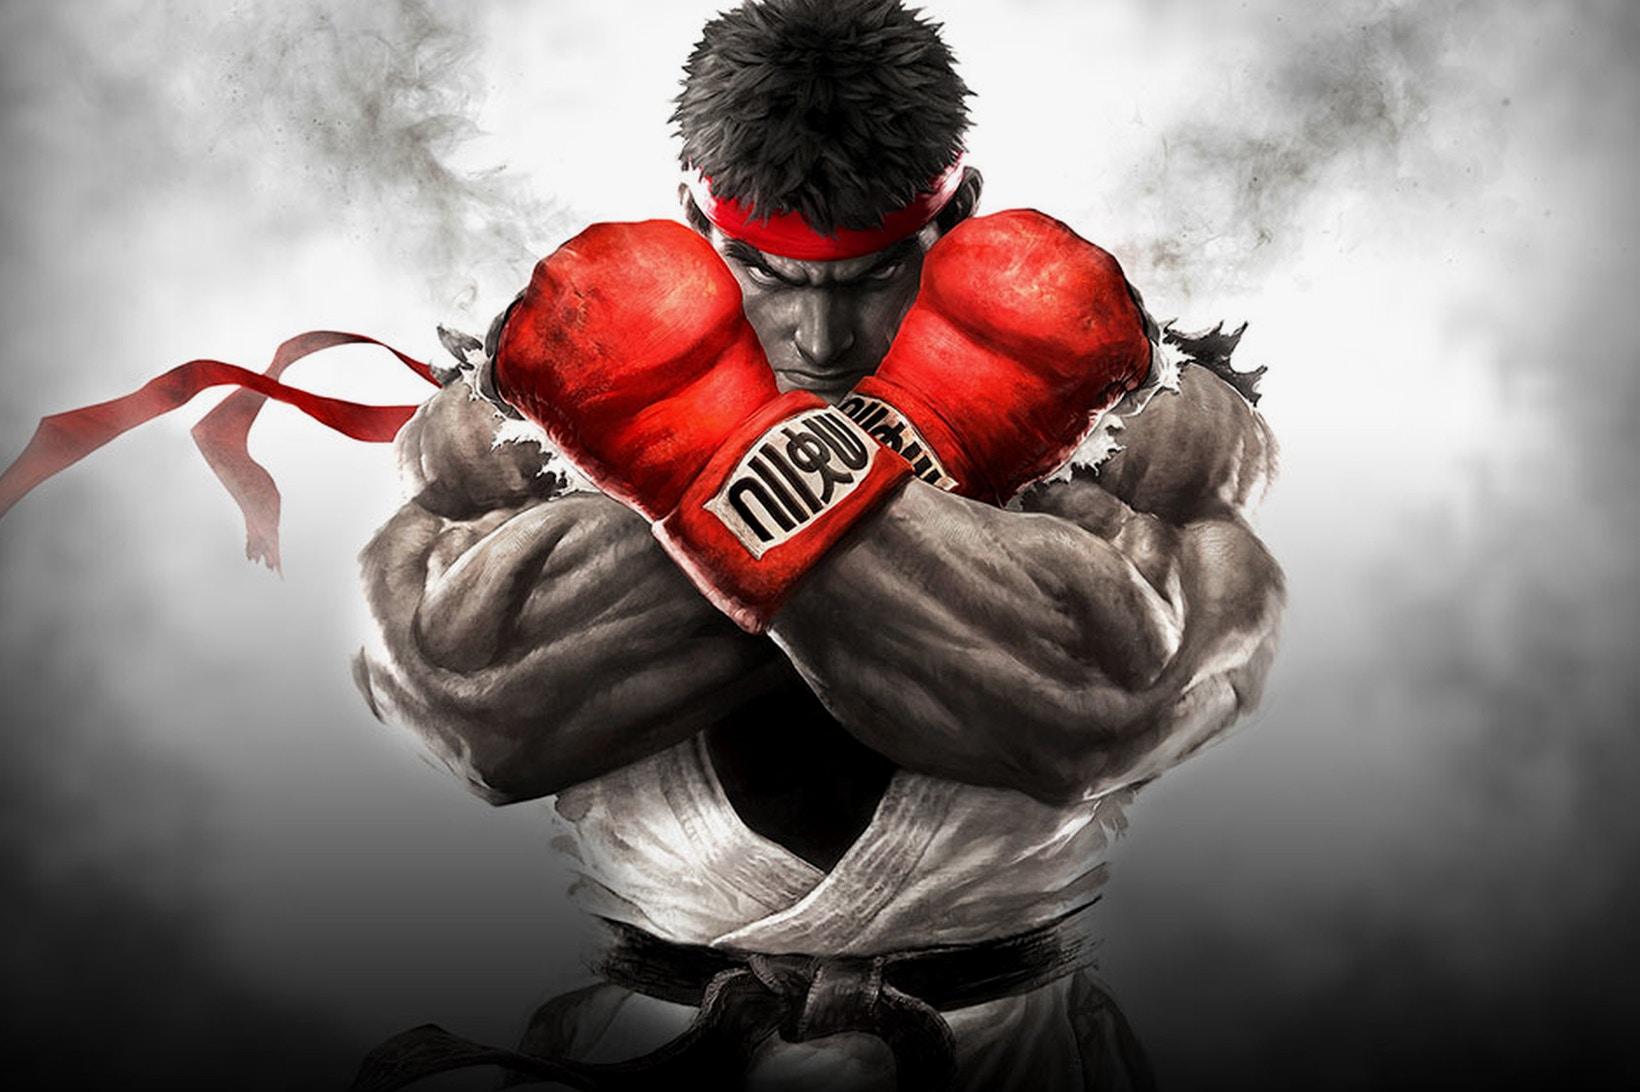 street-fighter-tv-series-adaptation-1